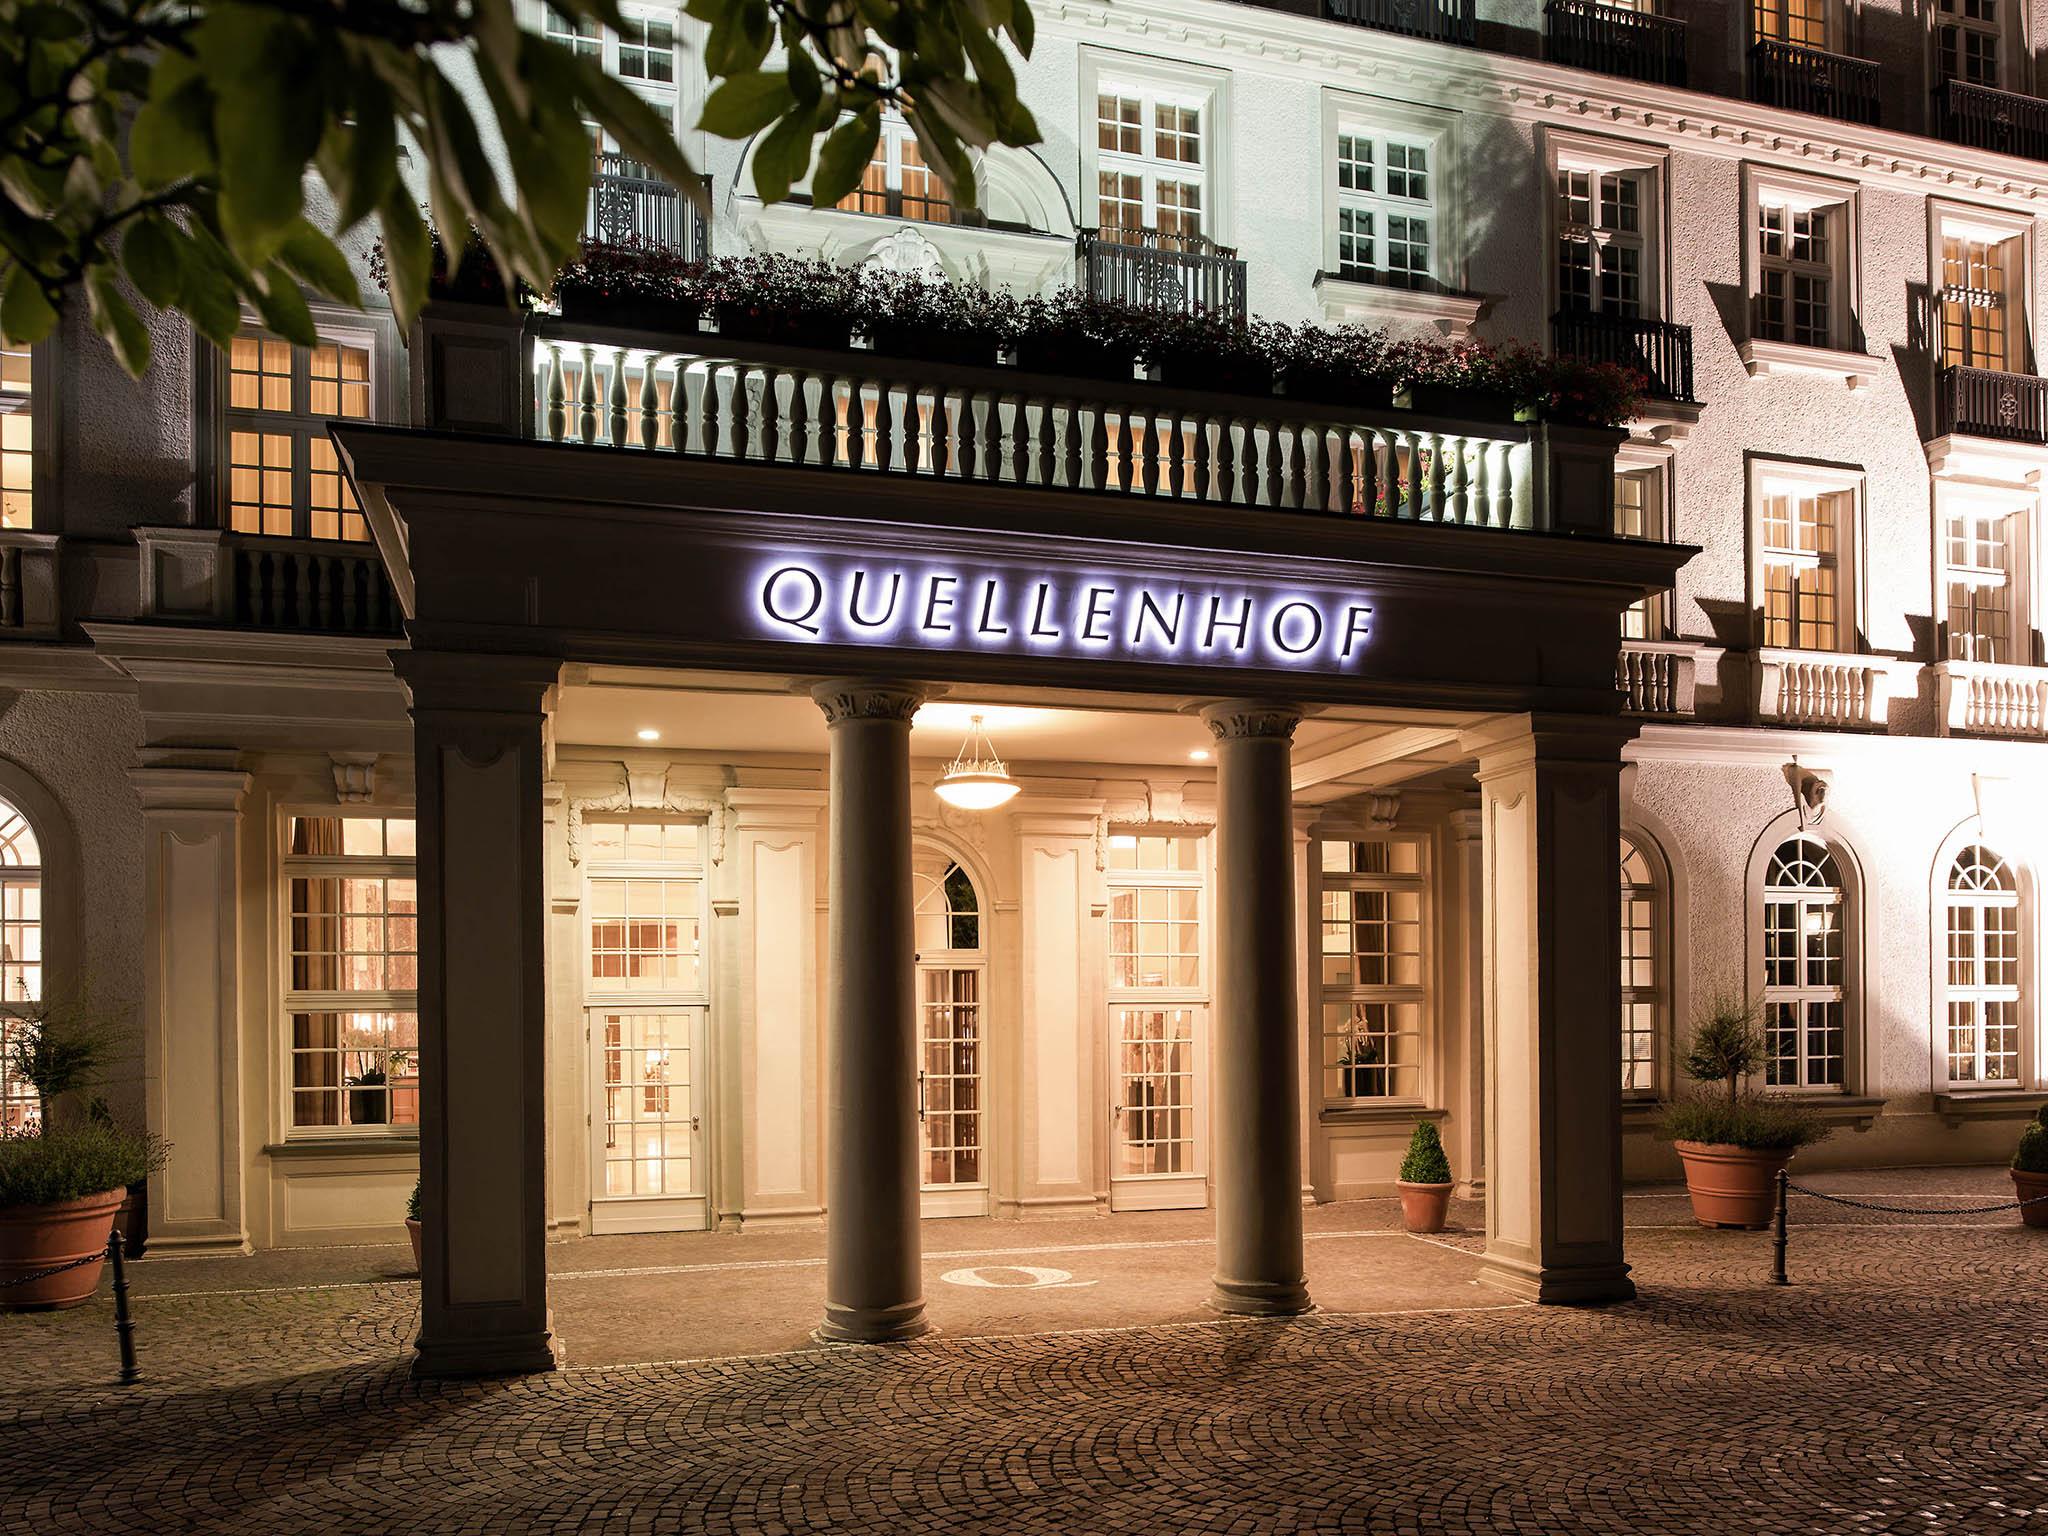 Otel – Pullman Aachen Quellenhof